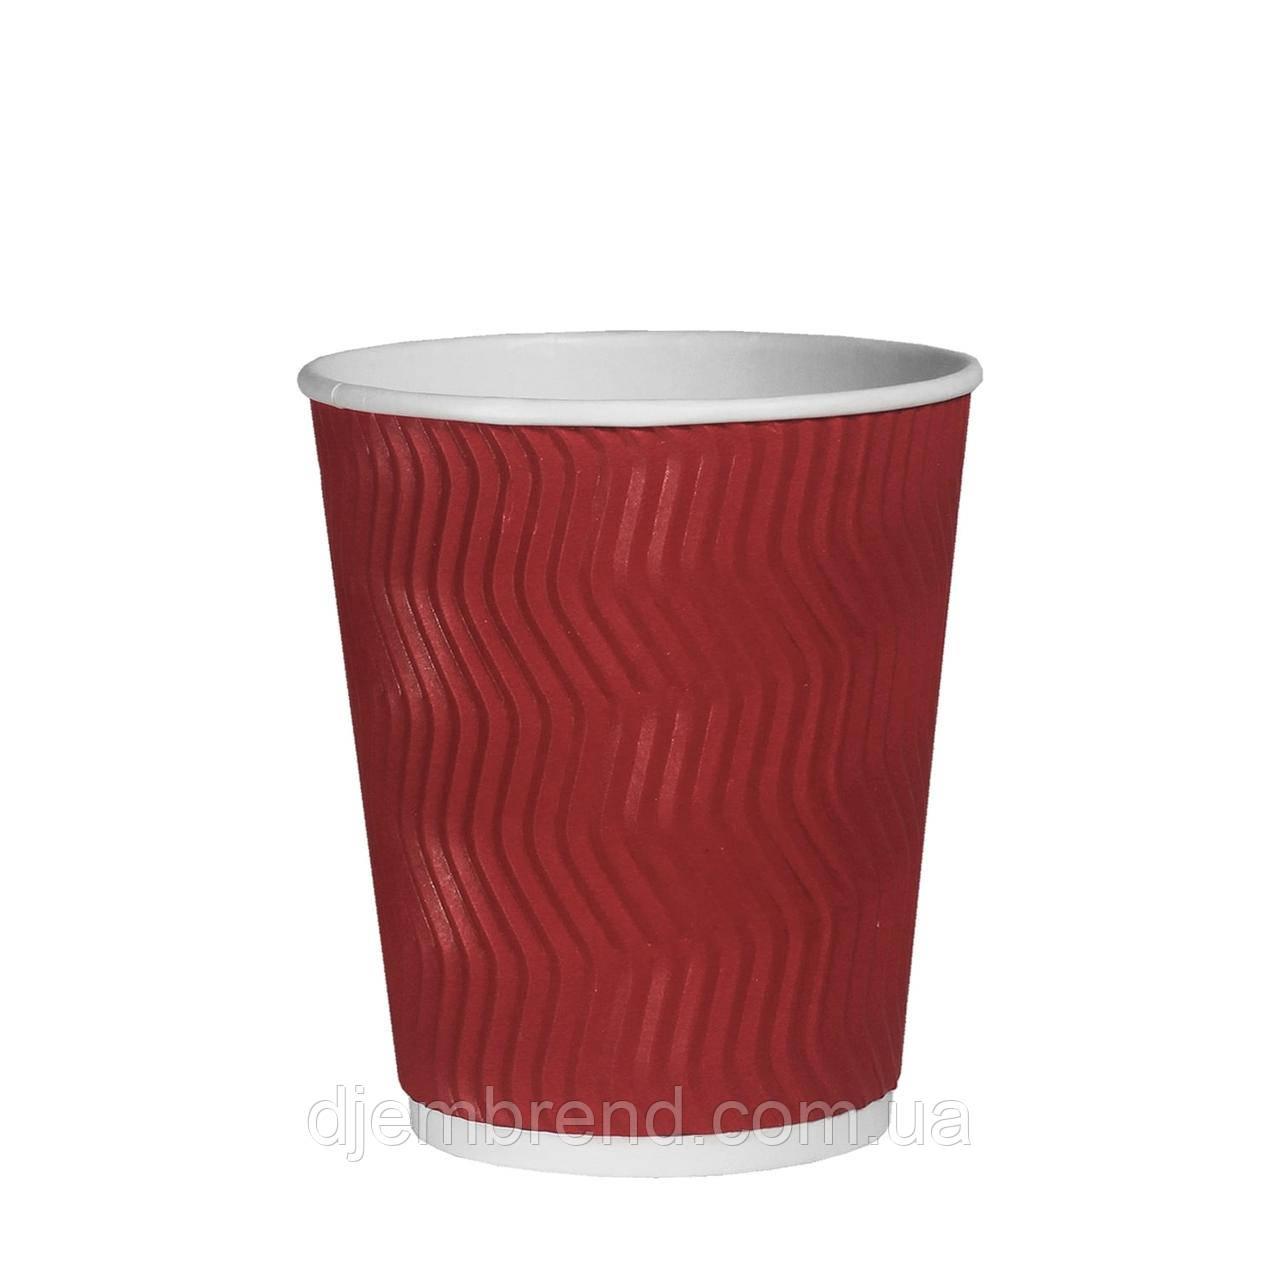 Стакан бумажный гофрированный Эко-гофра Красный 250мл. (8oz) 25шт/уп (1ящ/20уп/500шт) (КР81)